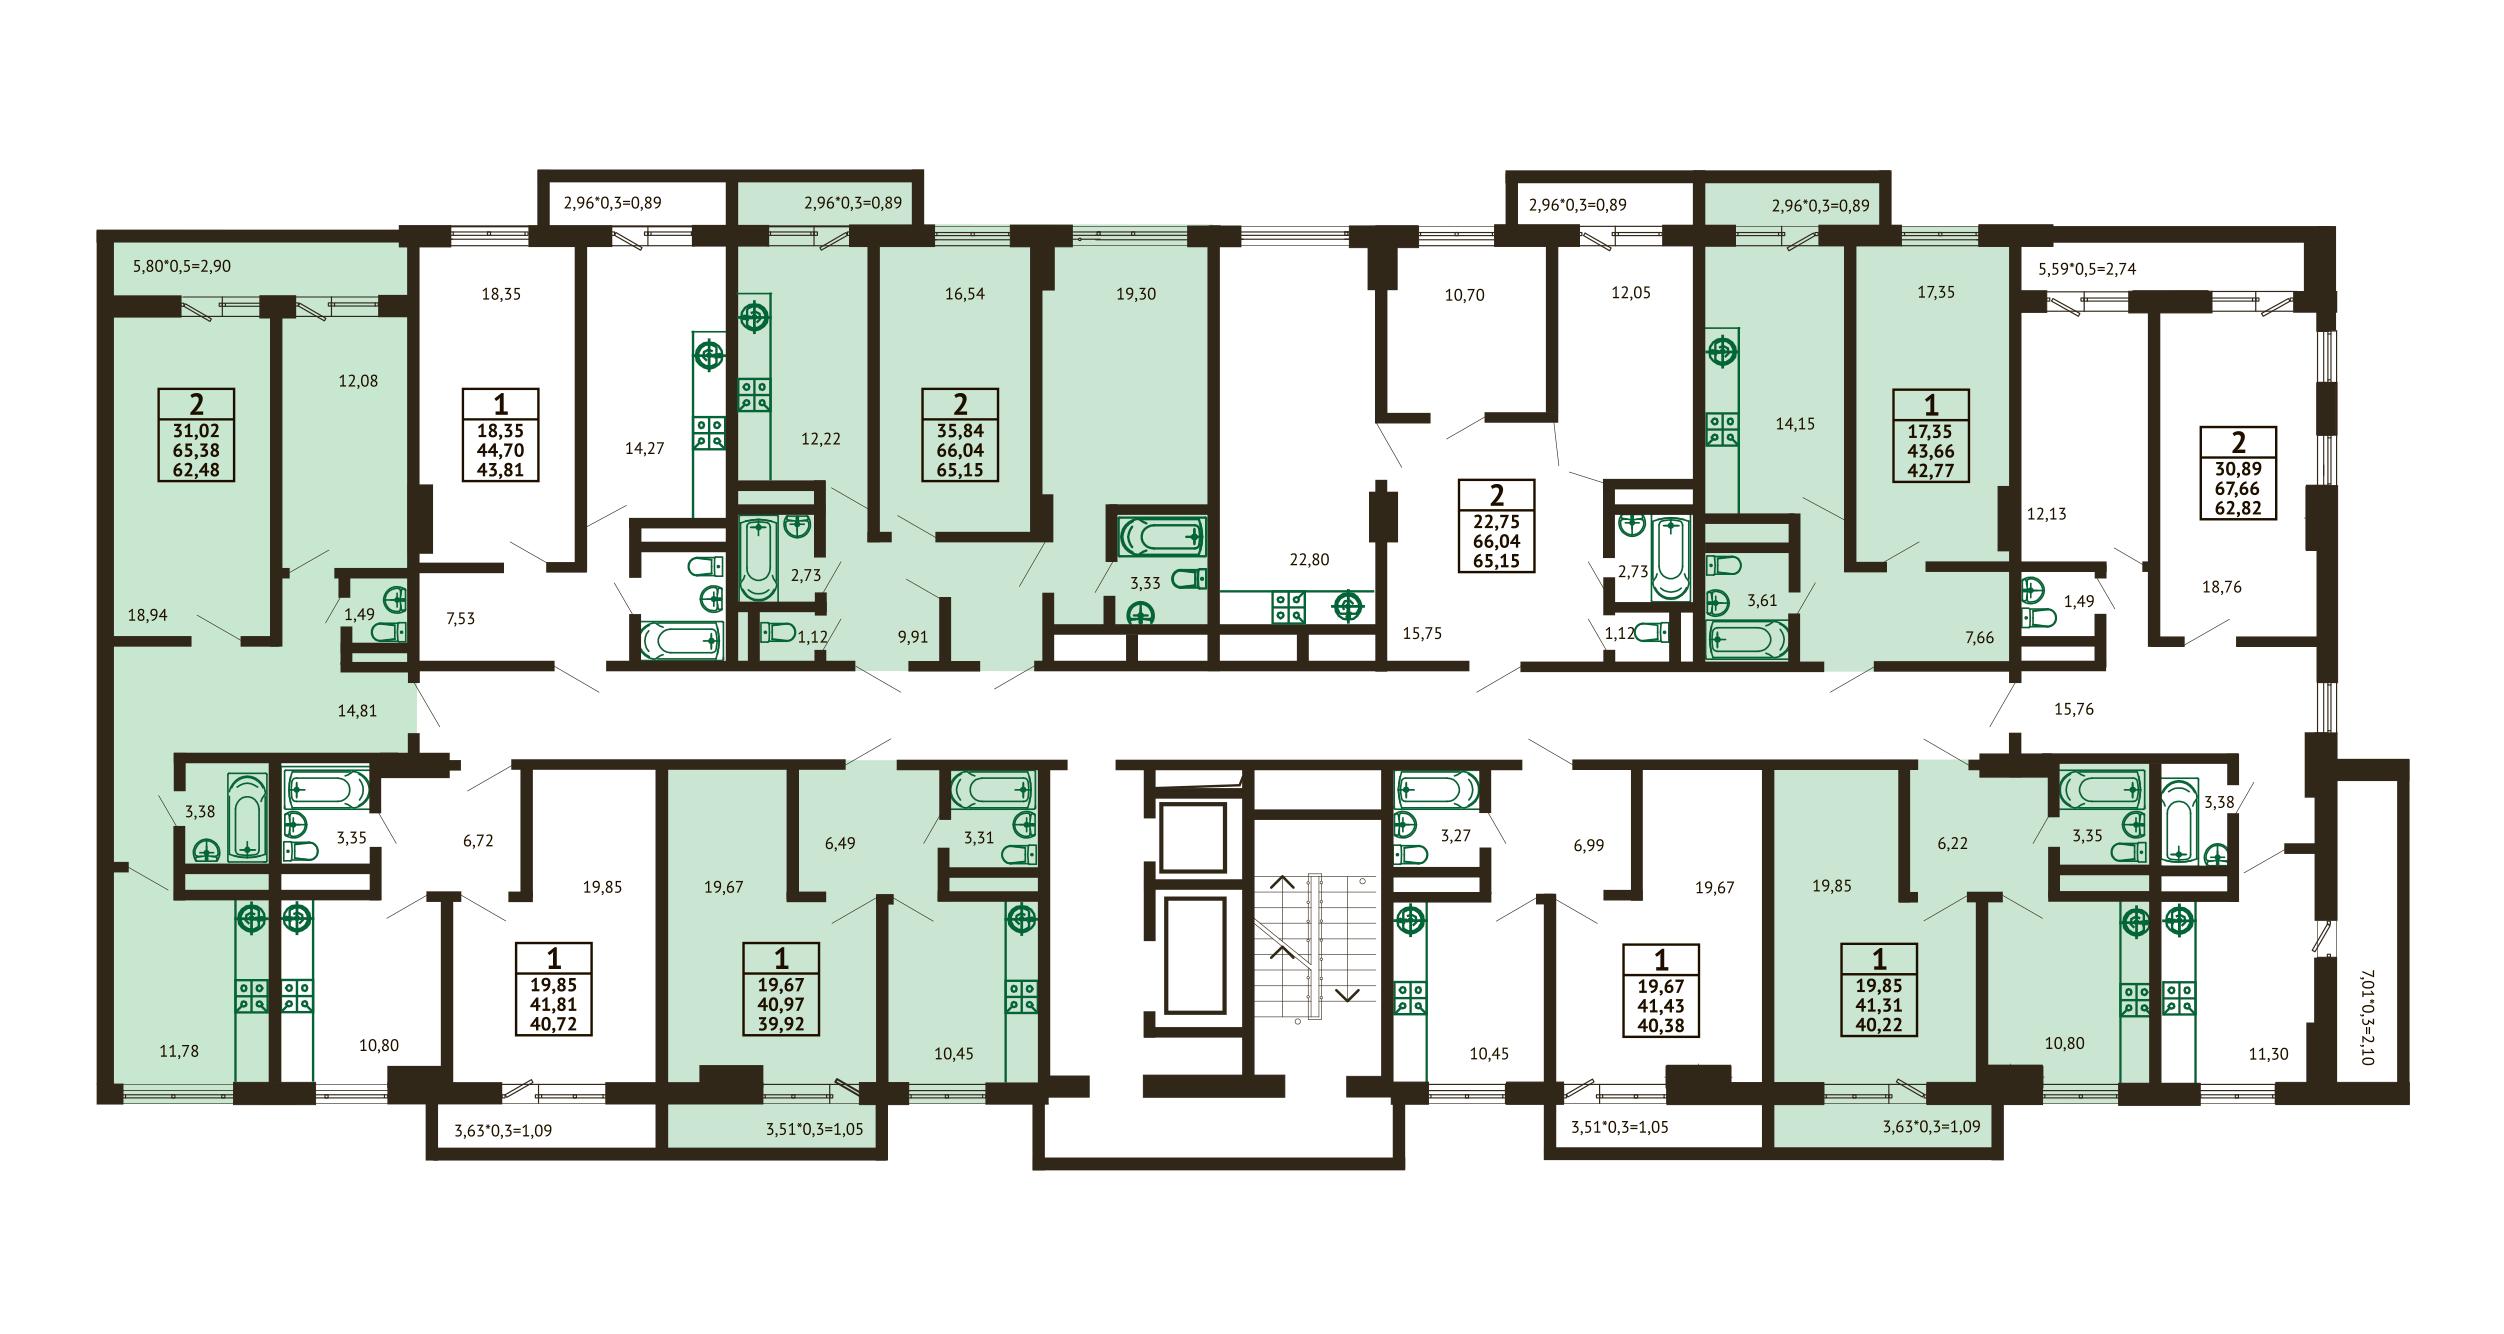 Планировка ЖК Грин Парк Литер 3 - Подъезд 2 - Этаж 2-8